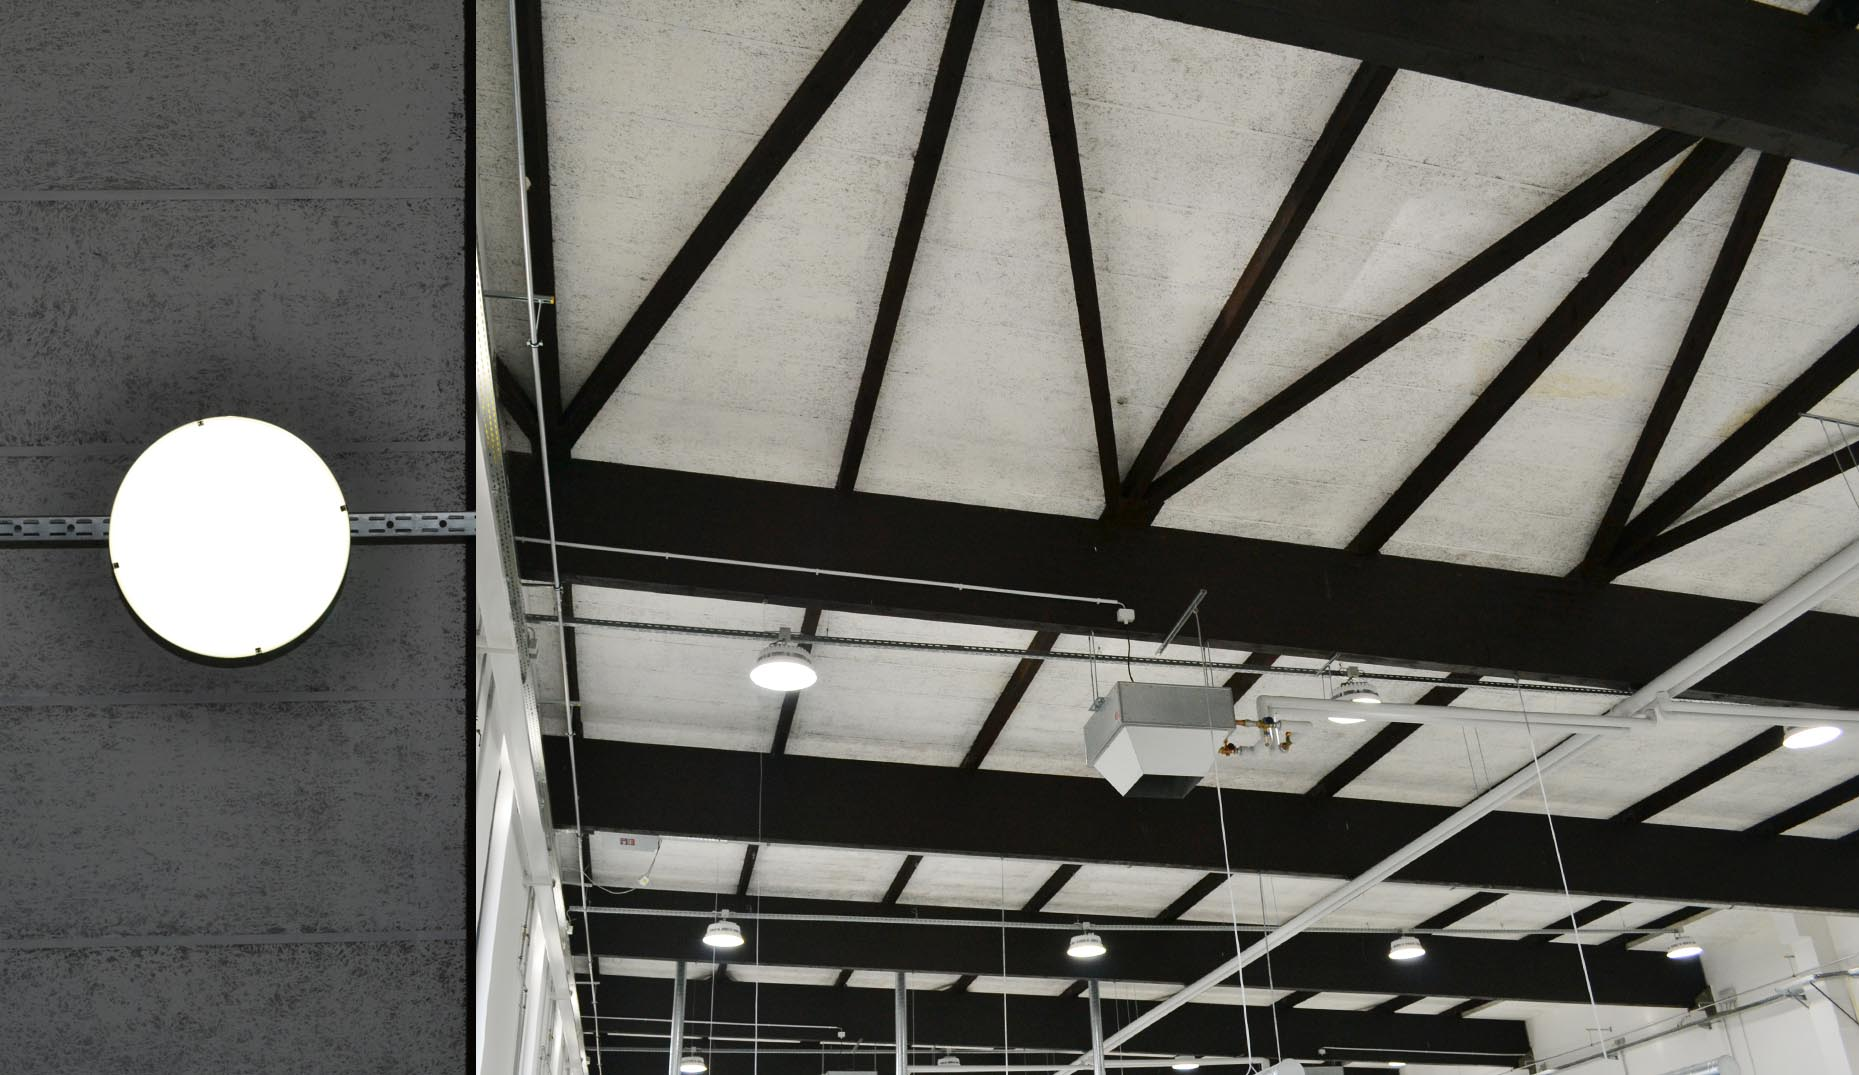 Ein Bild der Dachstruktur einer Industriehalle